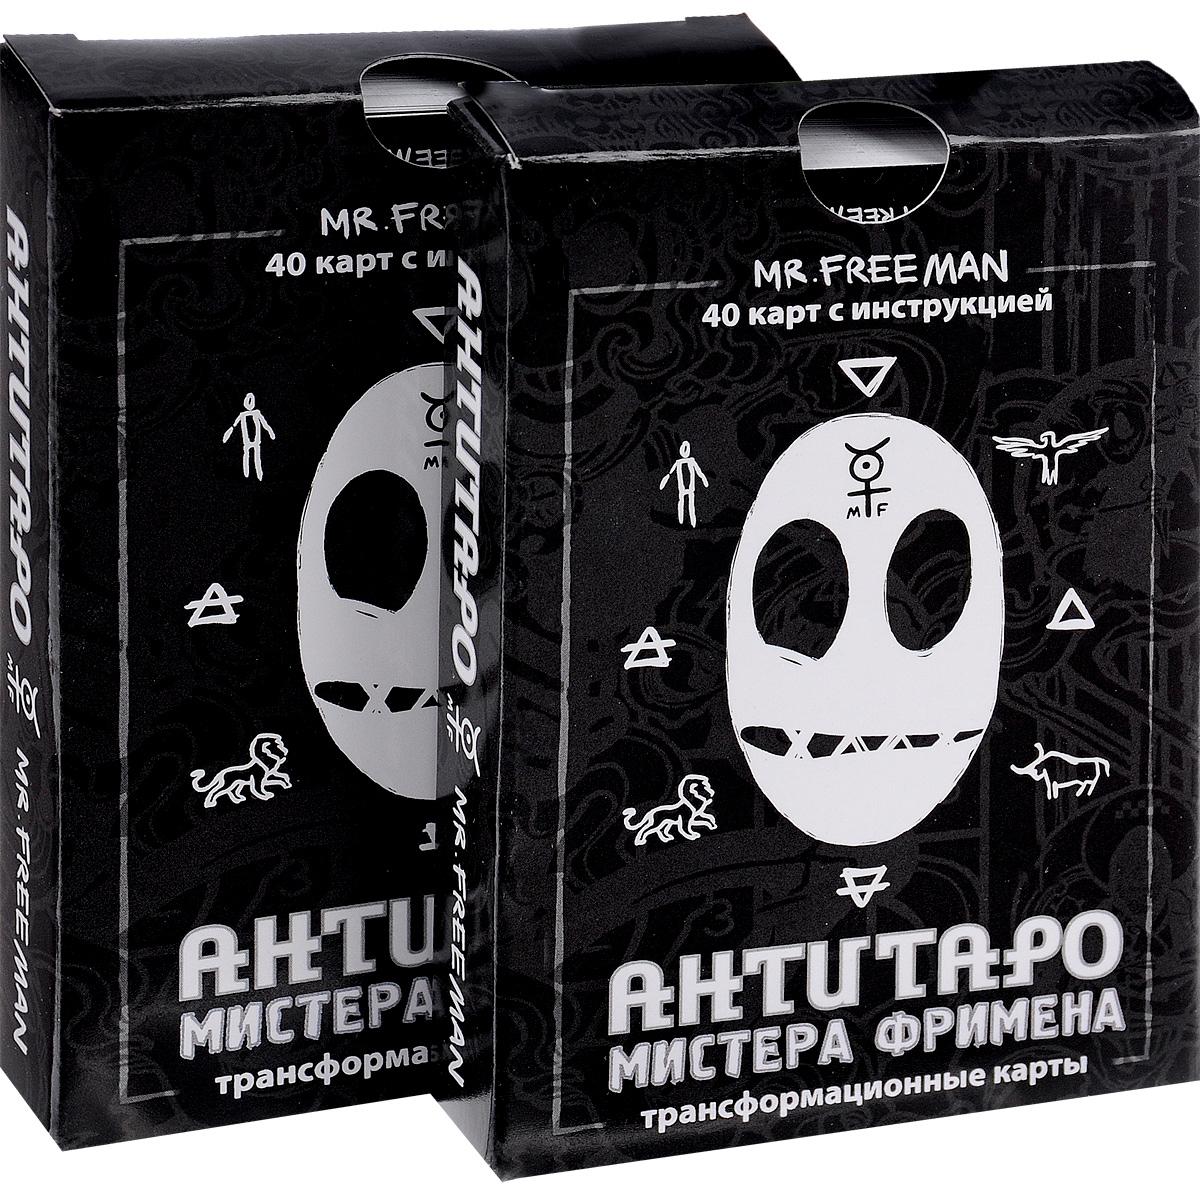 АнтиТаро мистера Фримена. Трансформационные карты (комплект из 2 наборов карт)